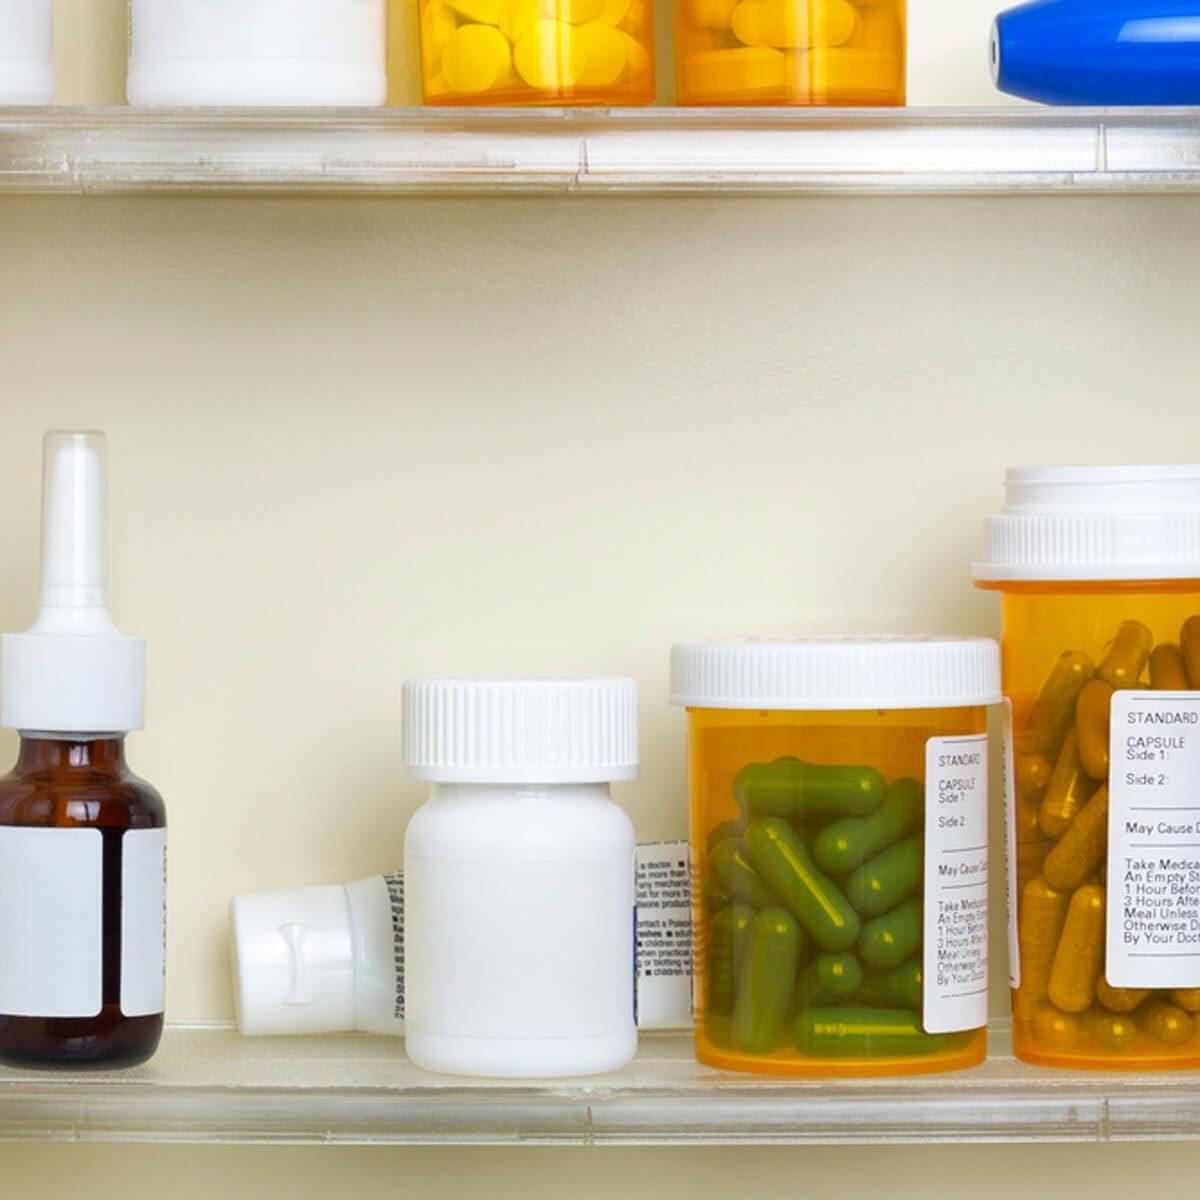 Les cambrioleurs volent aussi dans l'armoire à pharmacie.